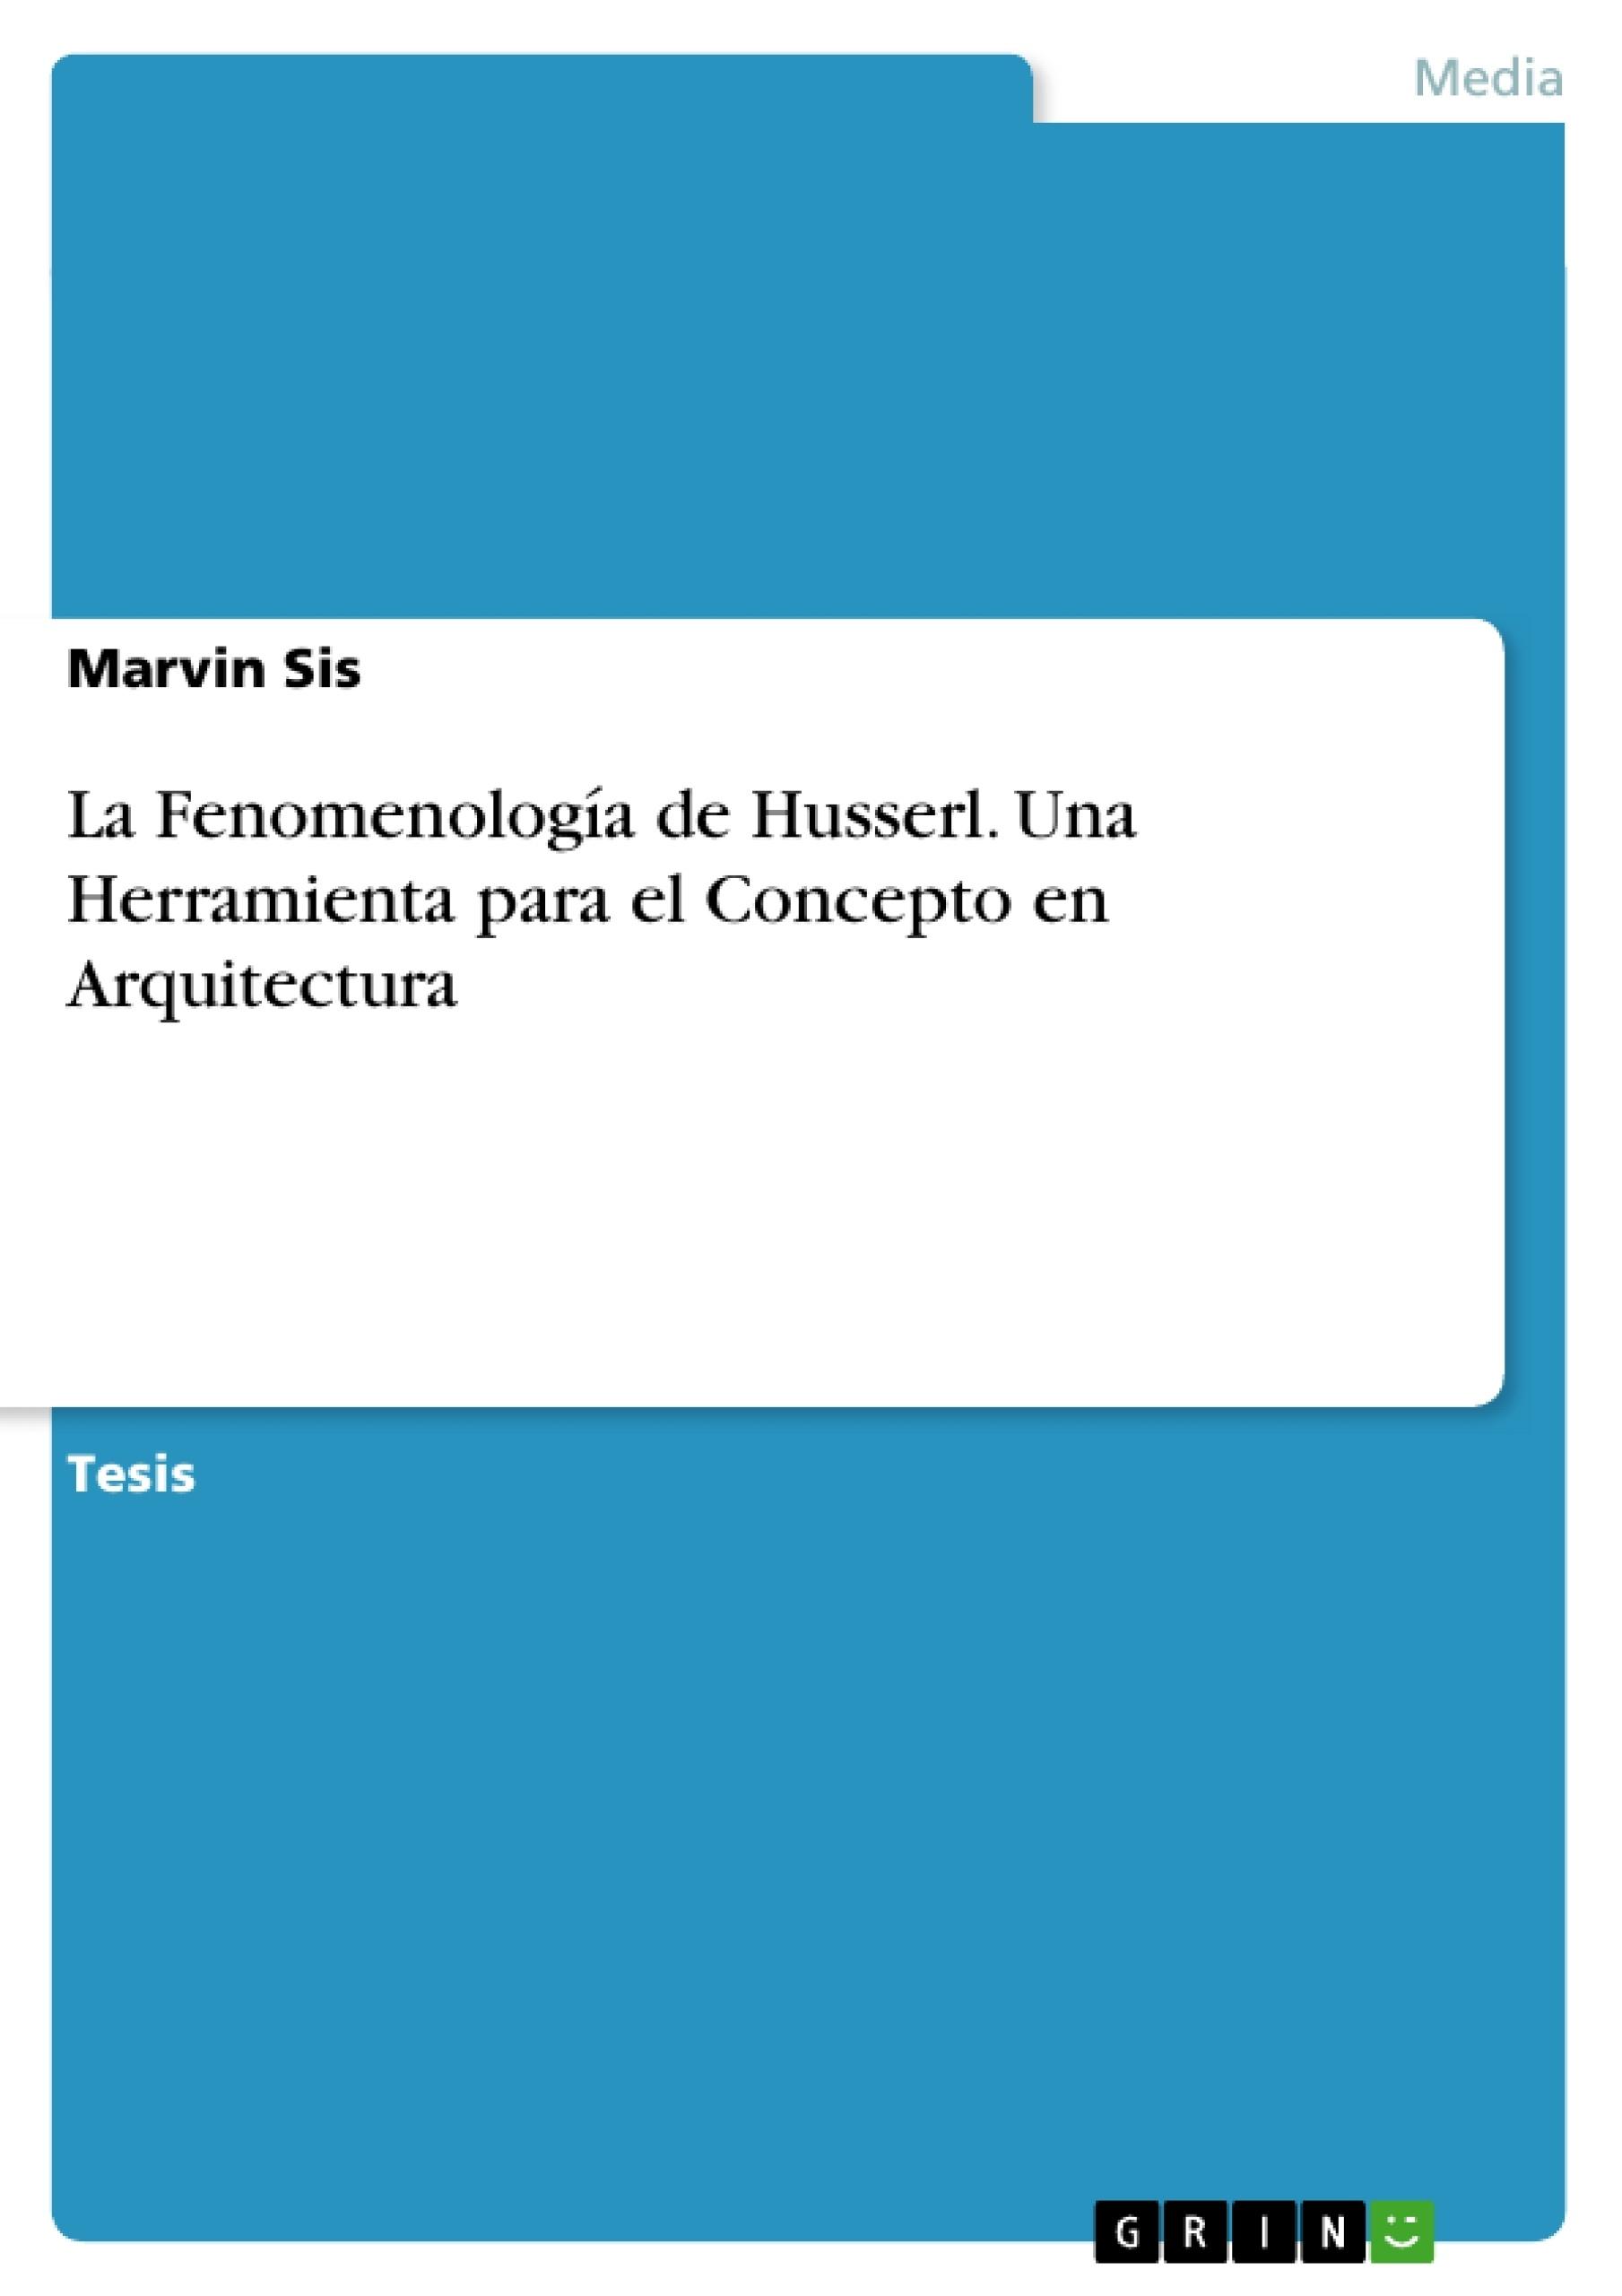 La Fenomenología de Husserl. Una Herramienta para el Concepto en ...